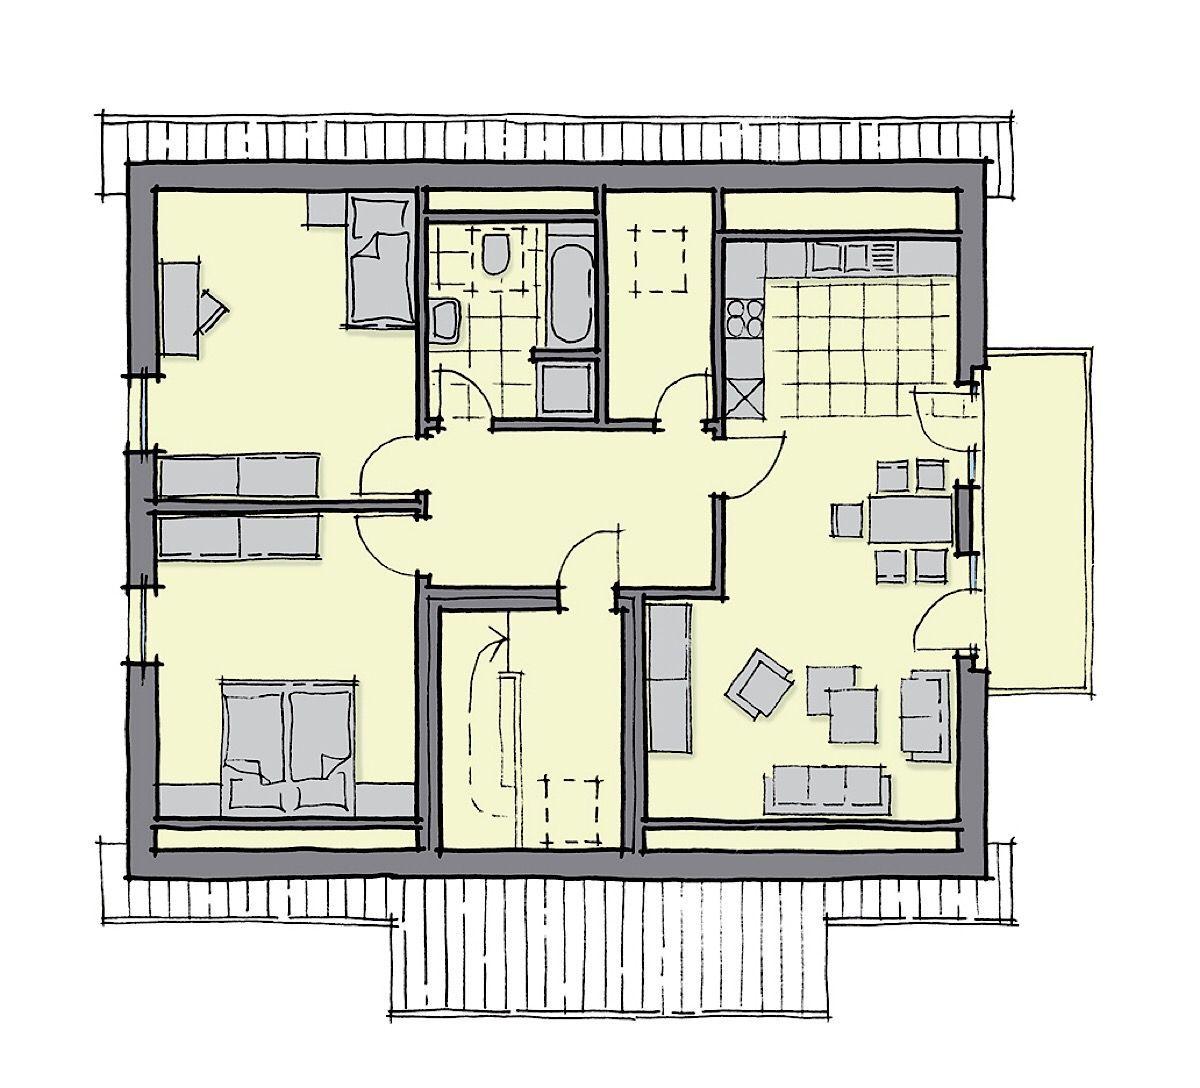 Grundriss 3 Zimmer Wohnung